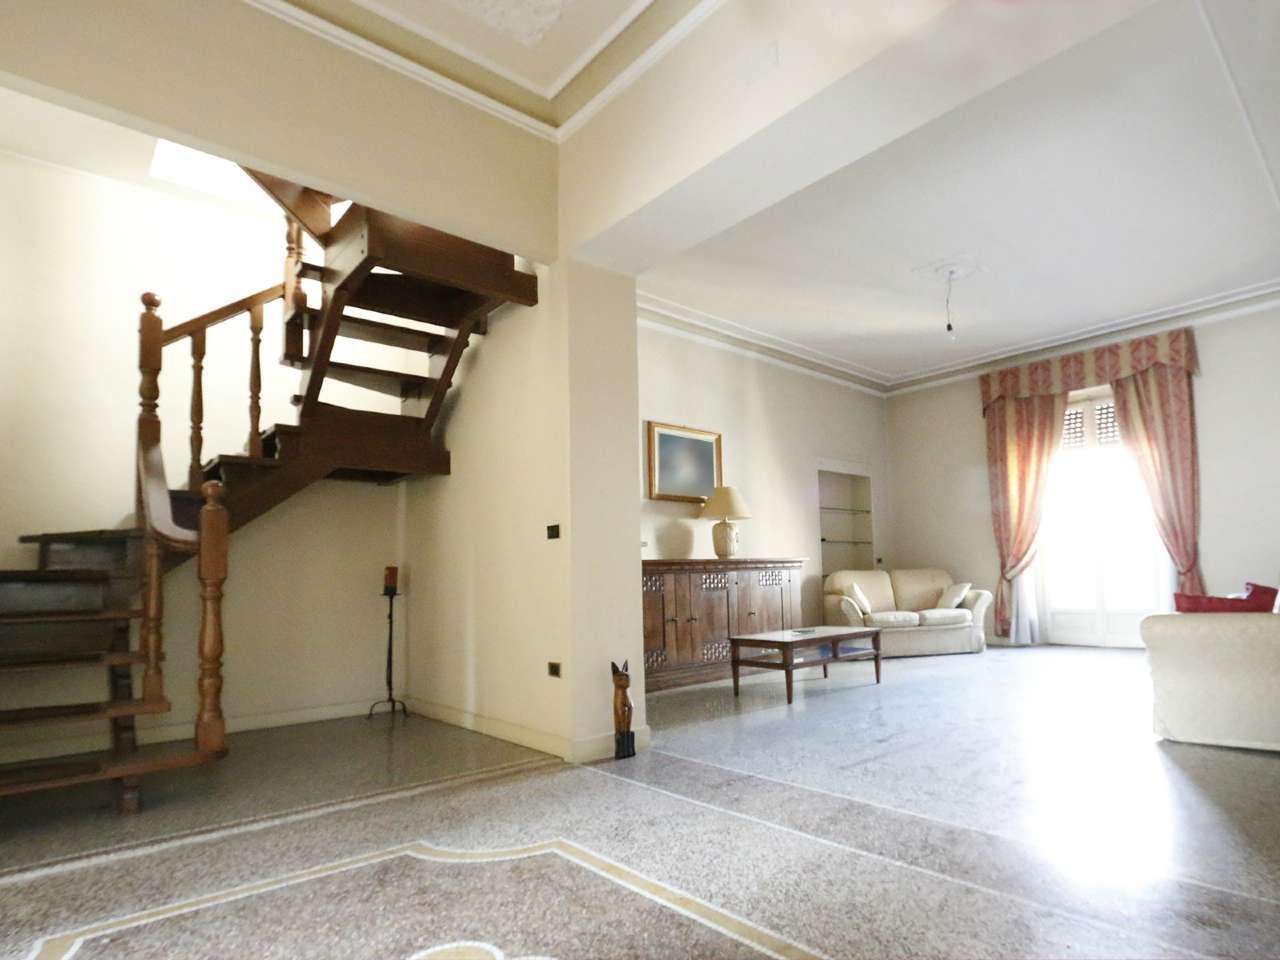 Immagine immobiliare ACQUI TERME - CENTRO STORICO - Nel centro storico di Acqui Terme, in bel palazzo d'epoca, appartamento di ampia metratura disposto su due livelli con tre balconi. L'appartamento è composto, al primo livello da ampio ingresso con...